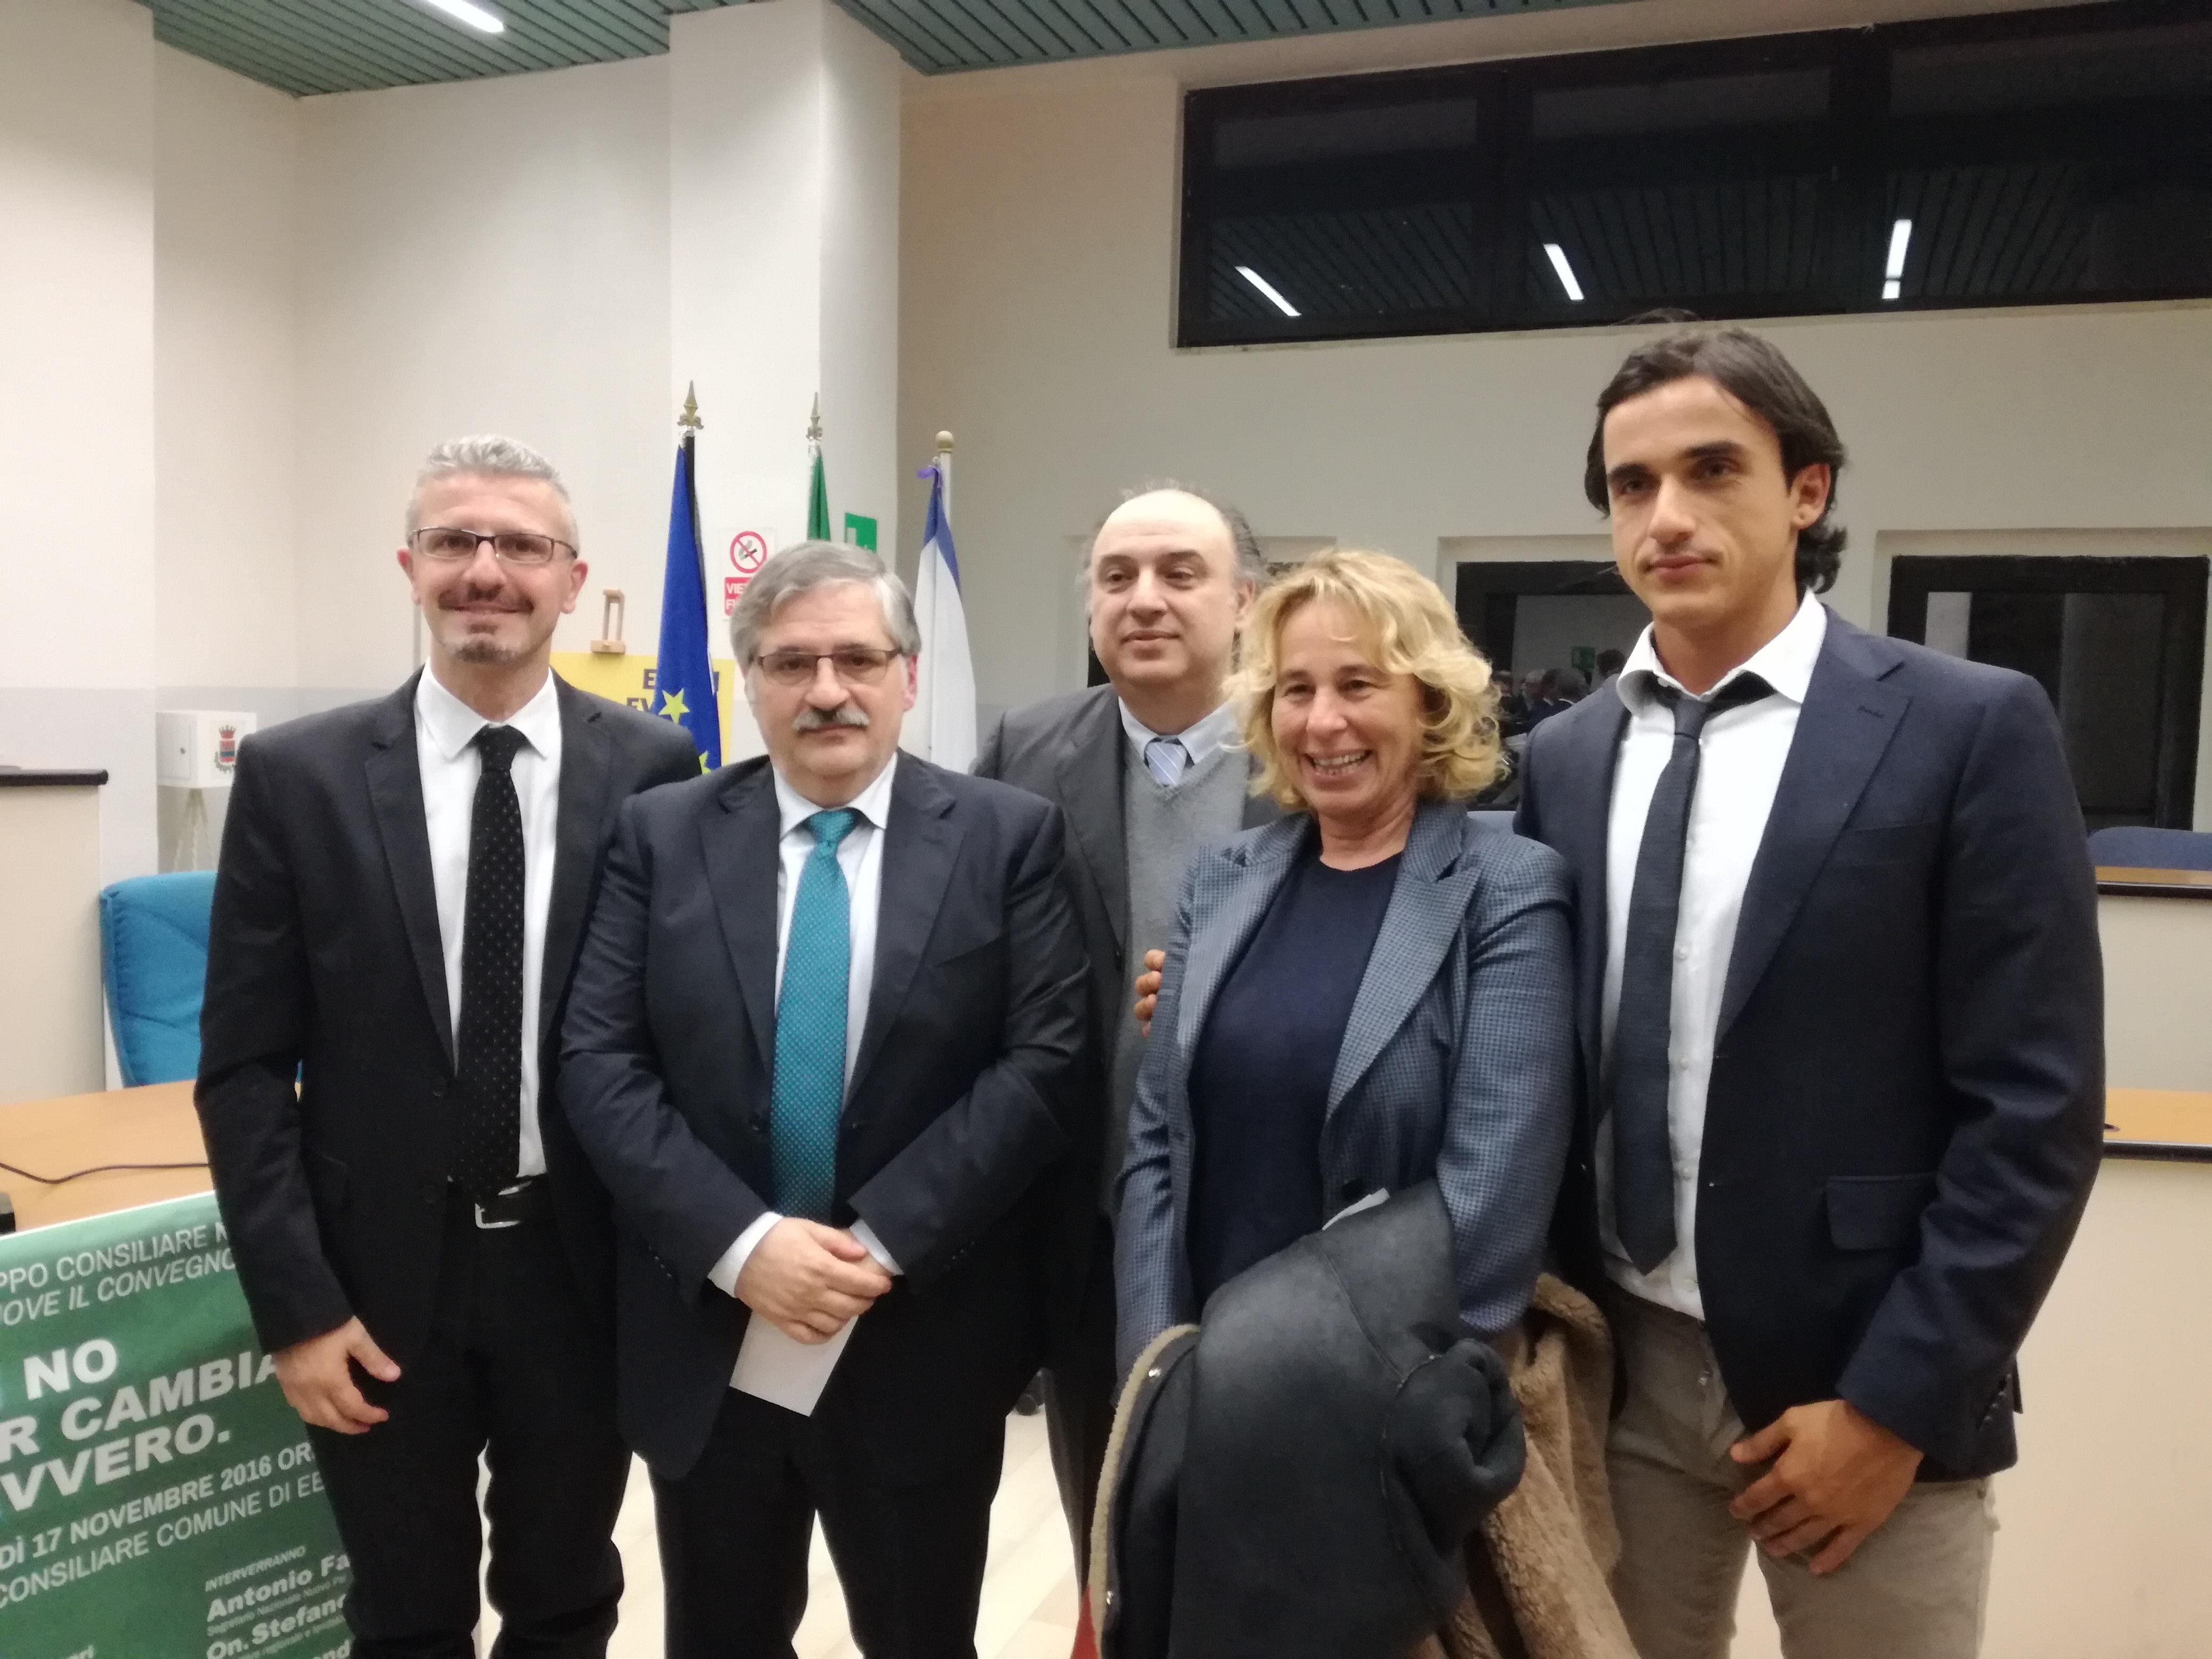 Guarracino-Marchesano-Di Benedetto-Stefania Craxi-Piegari